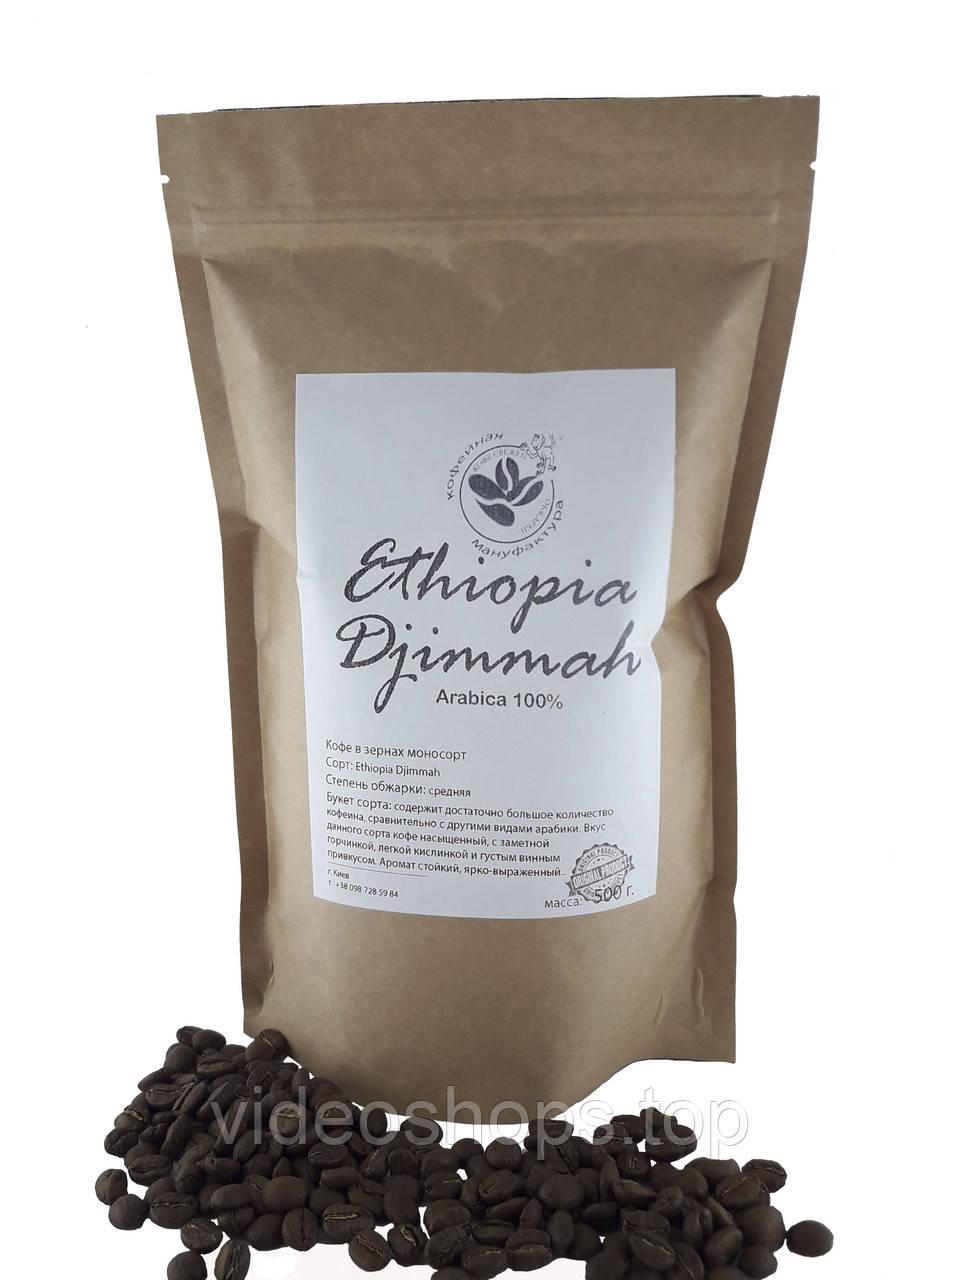 Кофе в зернах  Ethiopia Djimmah (100% арабика) 500г